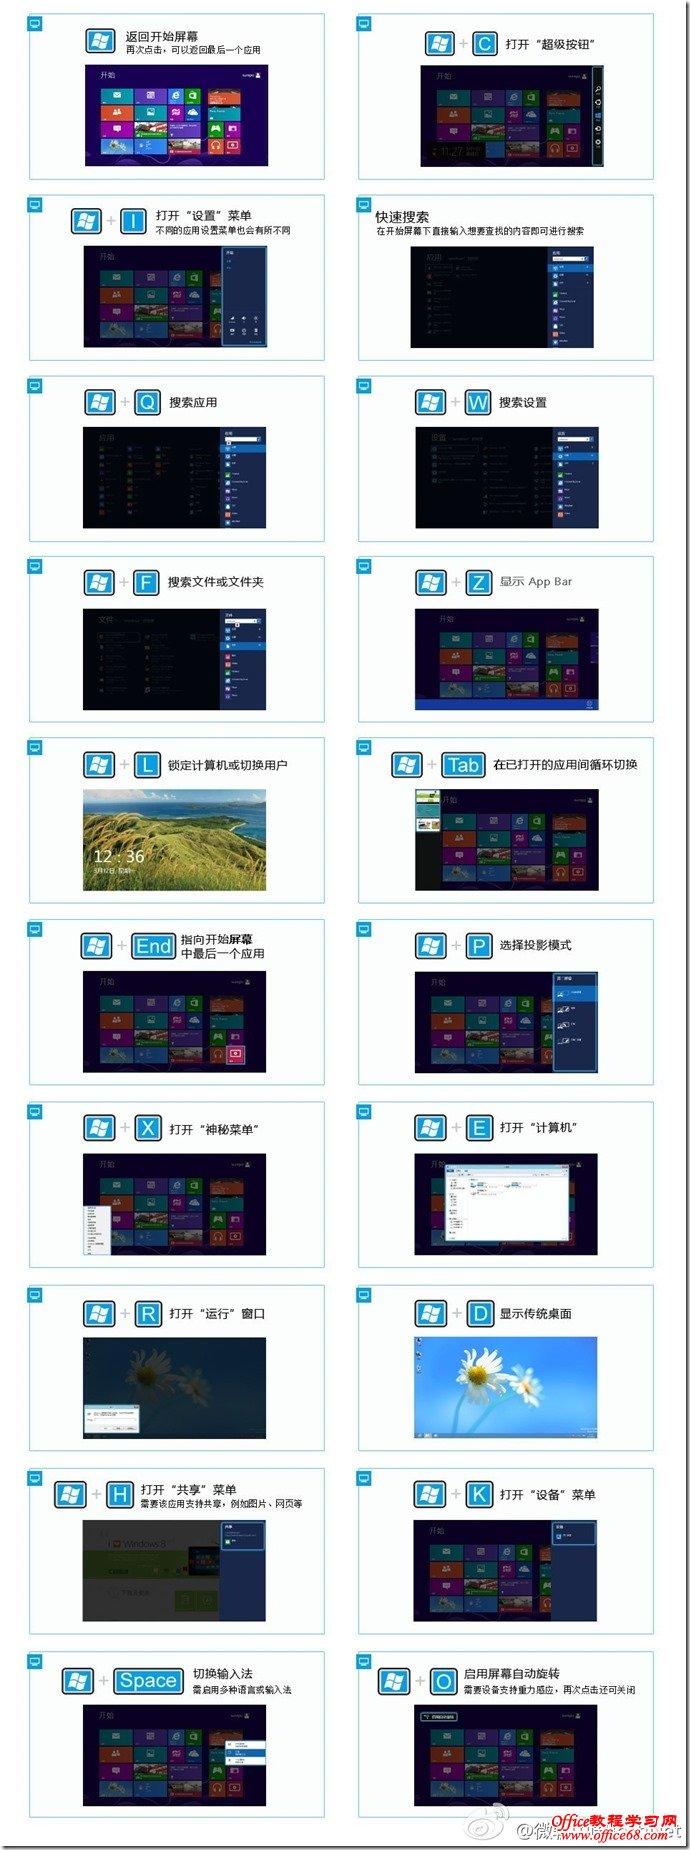 记住这几个windows8的快捷键,你也会用windows8了!